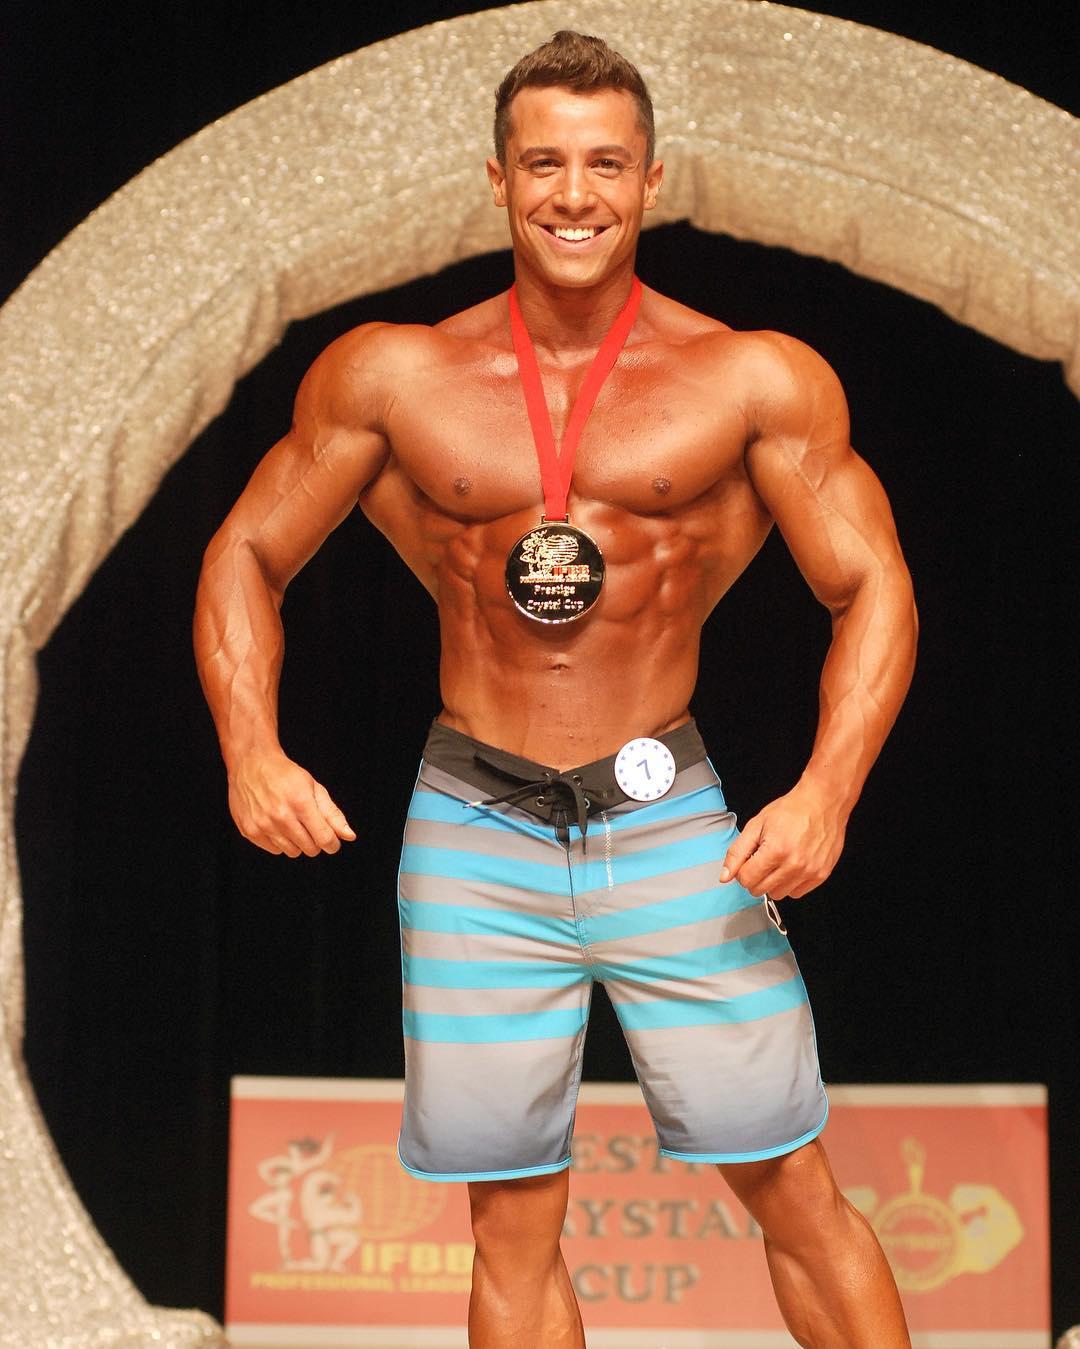 Diogo Montenegro também foi Campeão Men's Physique Pro do IFBB Prestige Crystal Cup em 2015. Foto: Arquivo pessoal